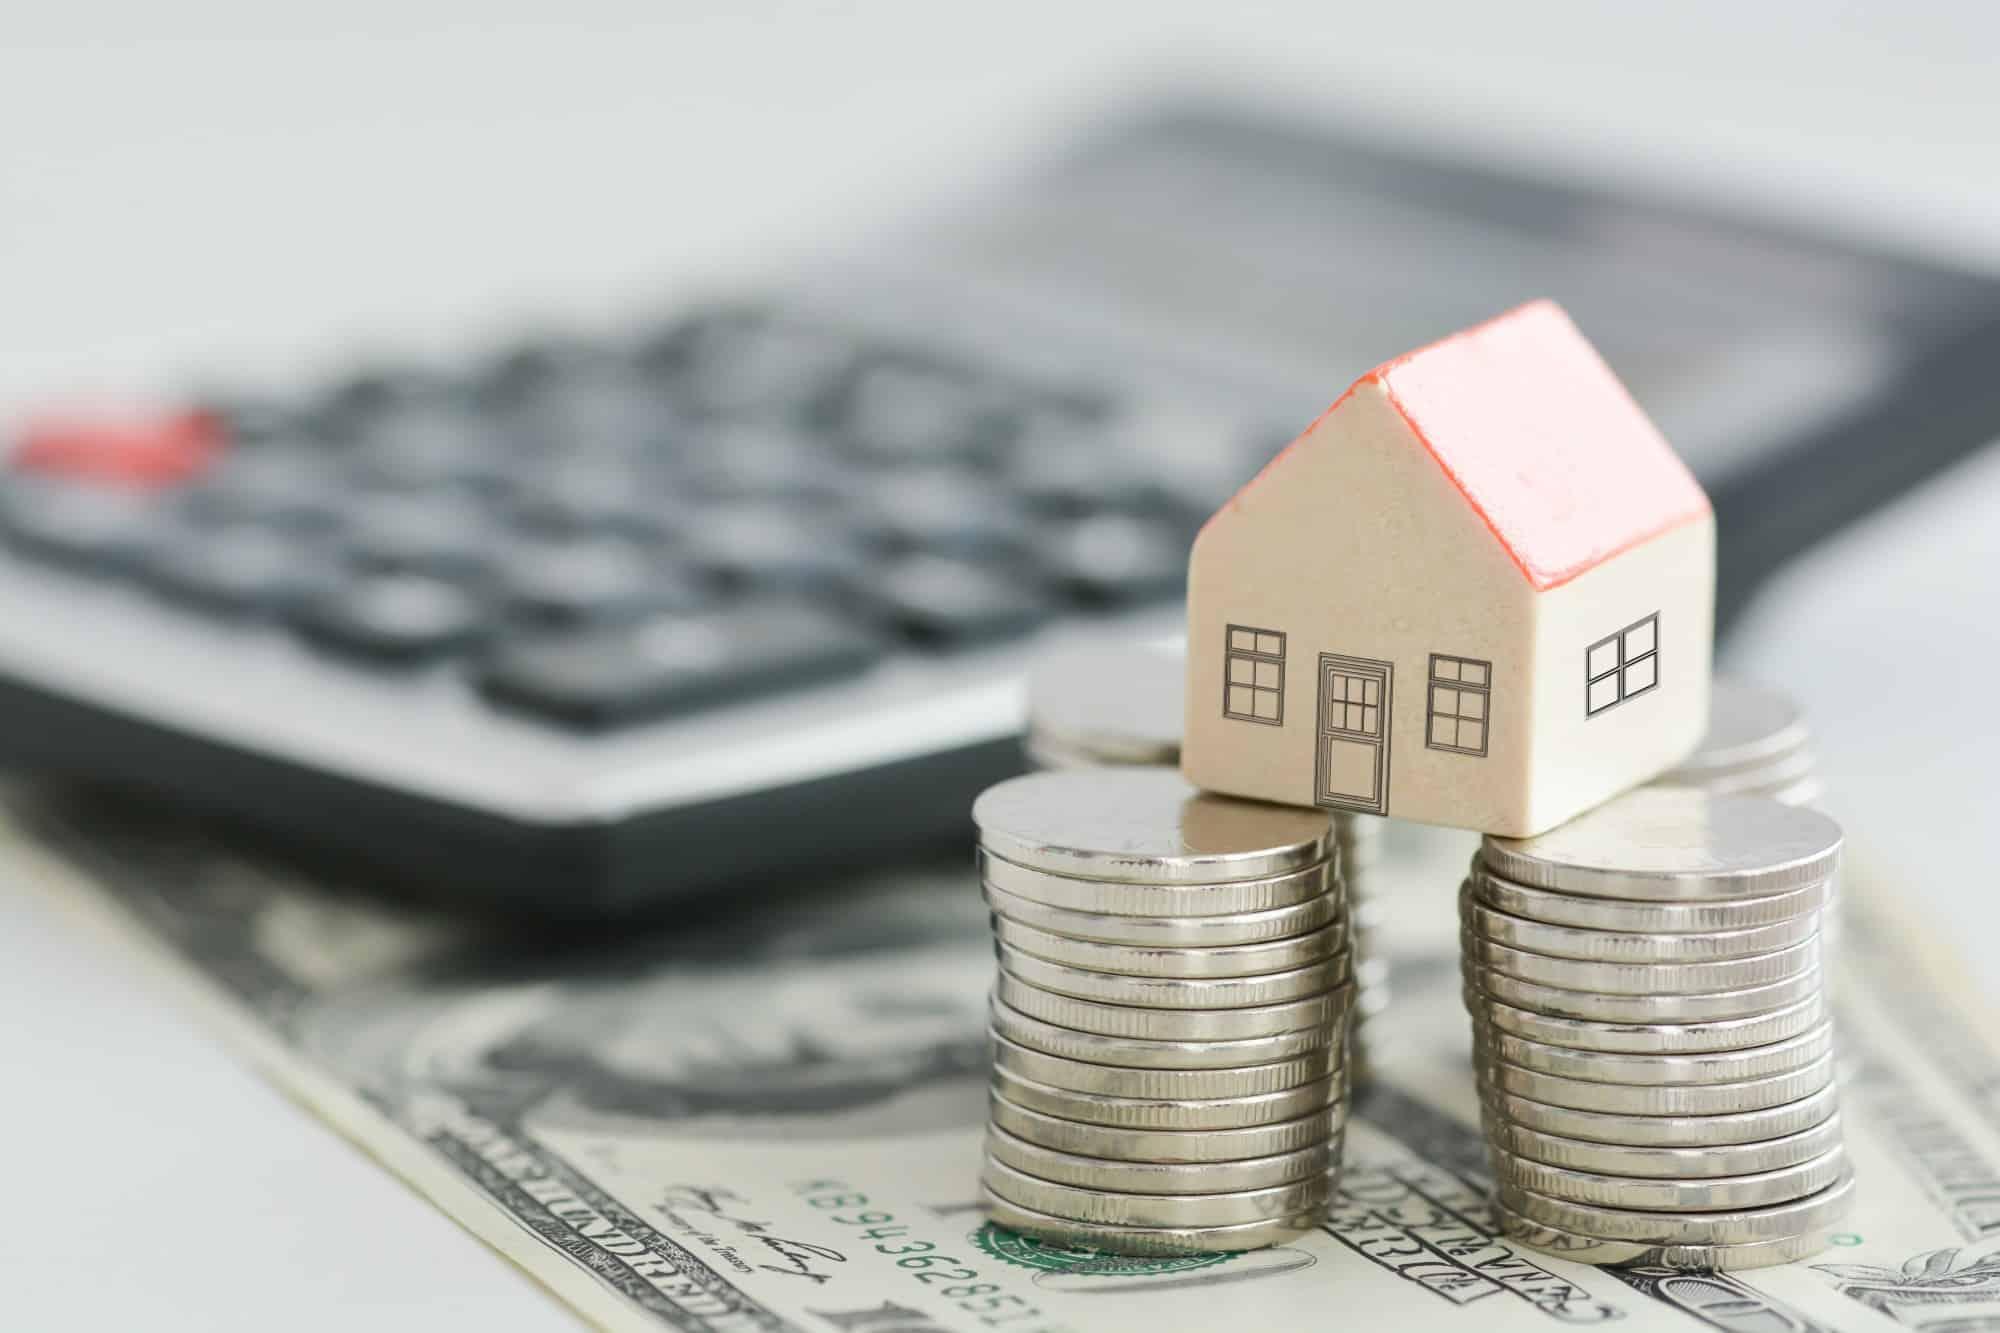 Maison à vendre : Mon expérience avec la vente d'une maison